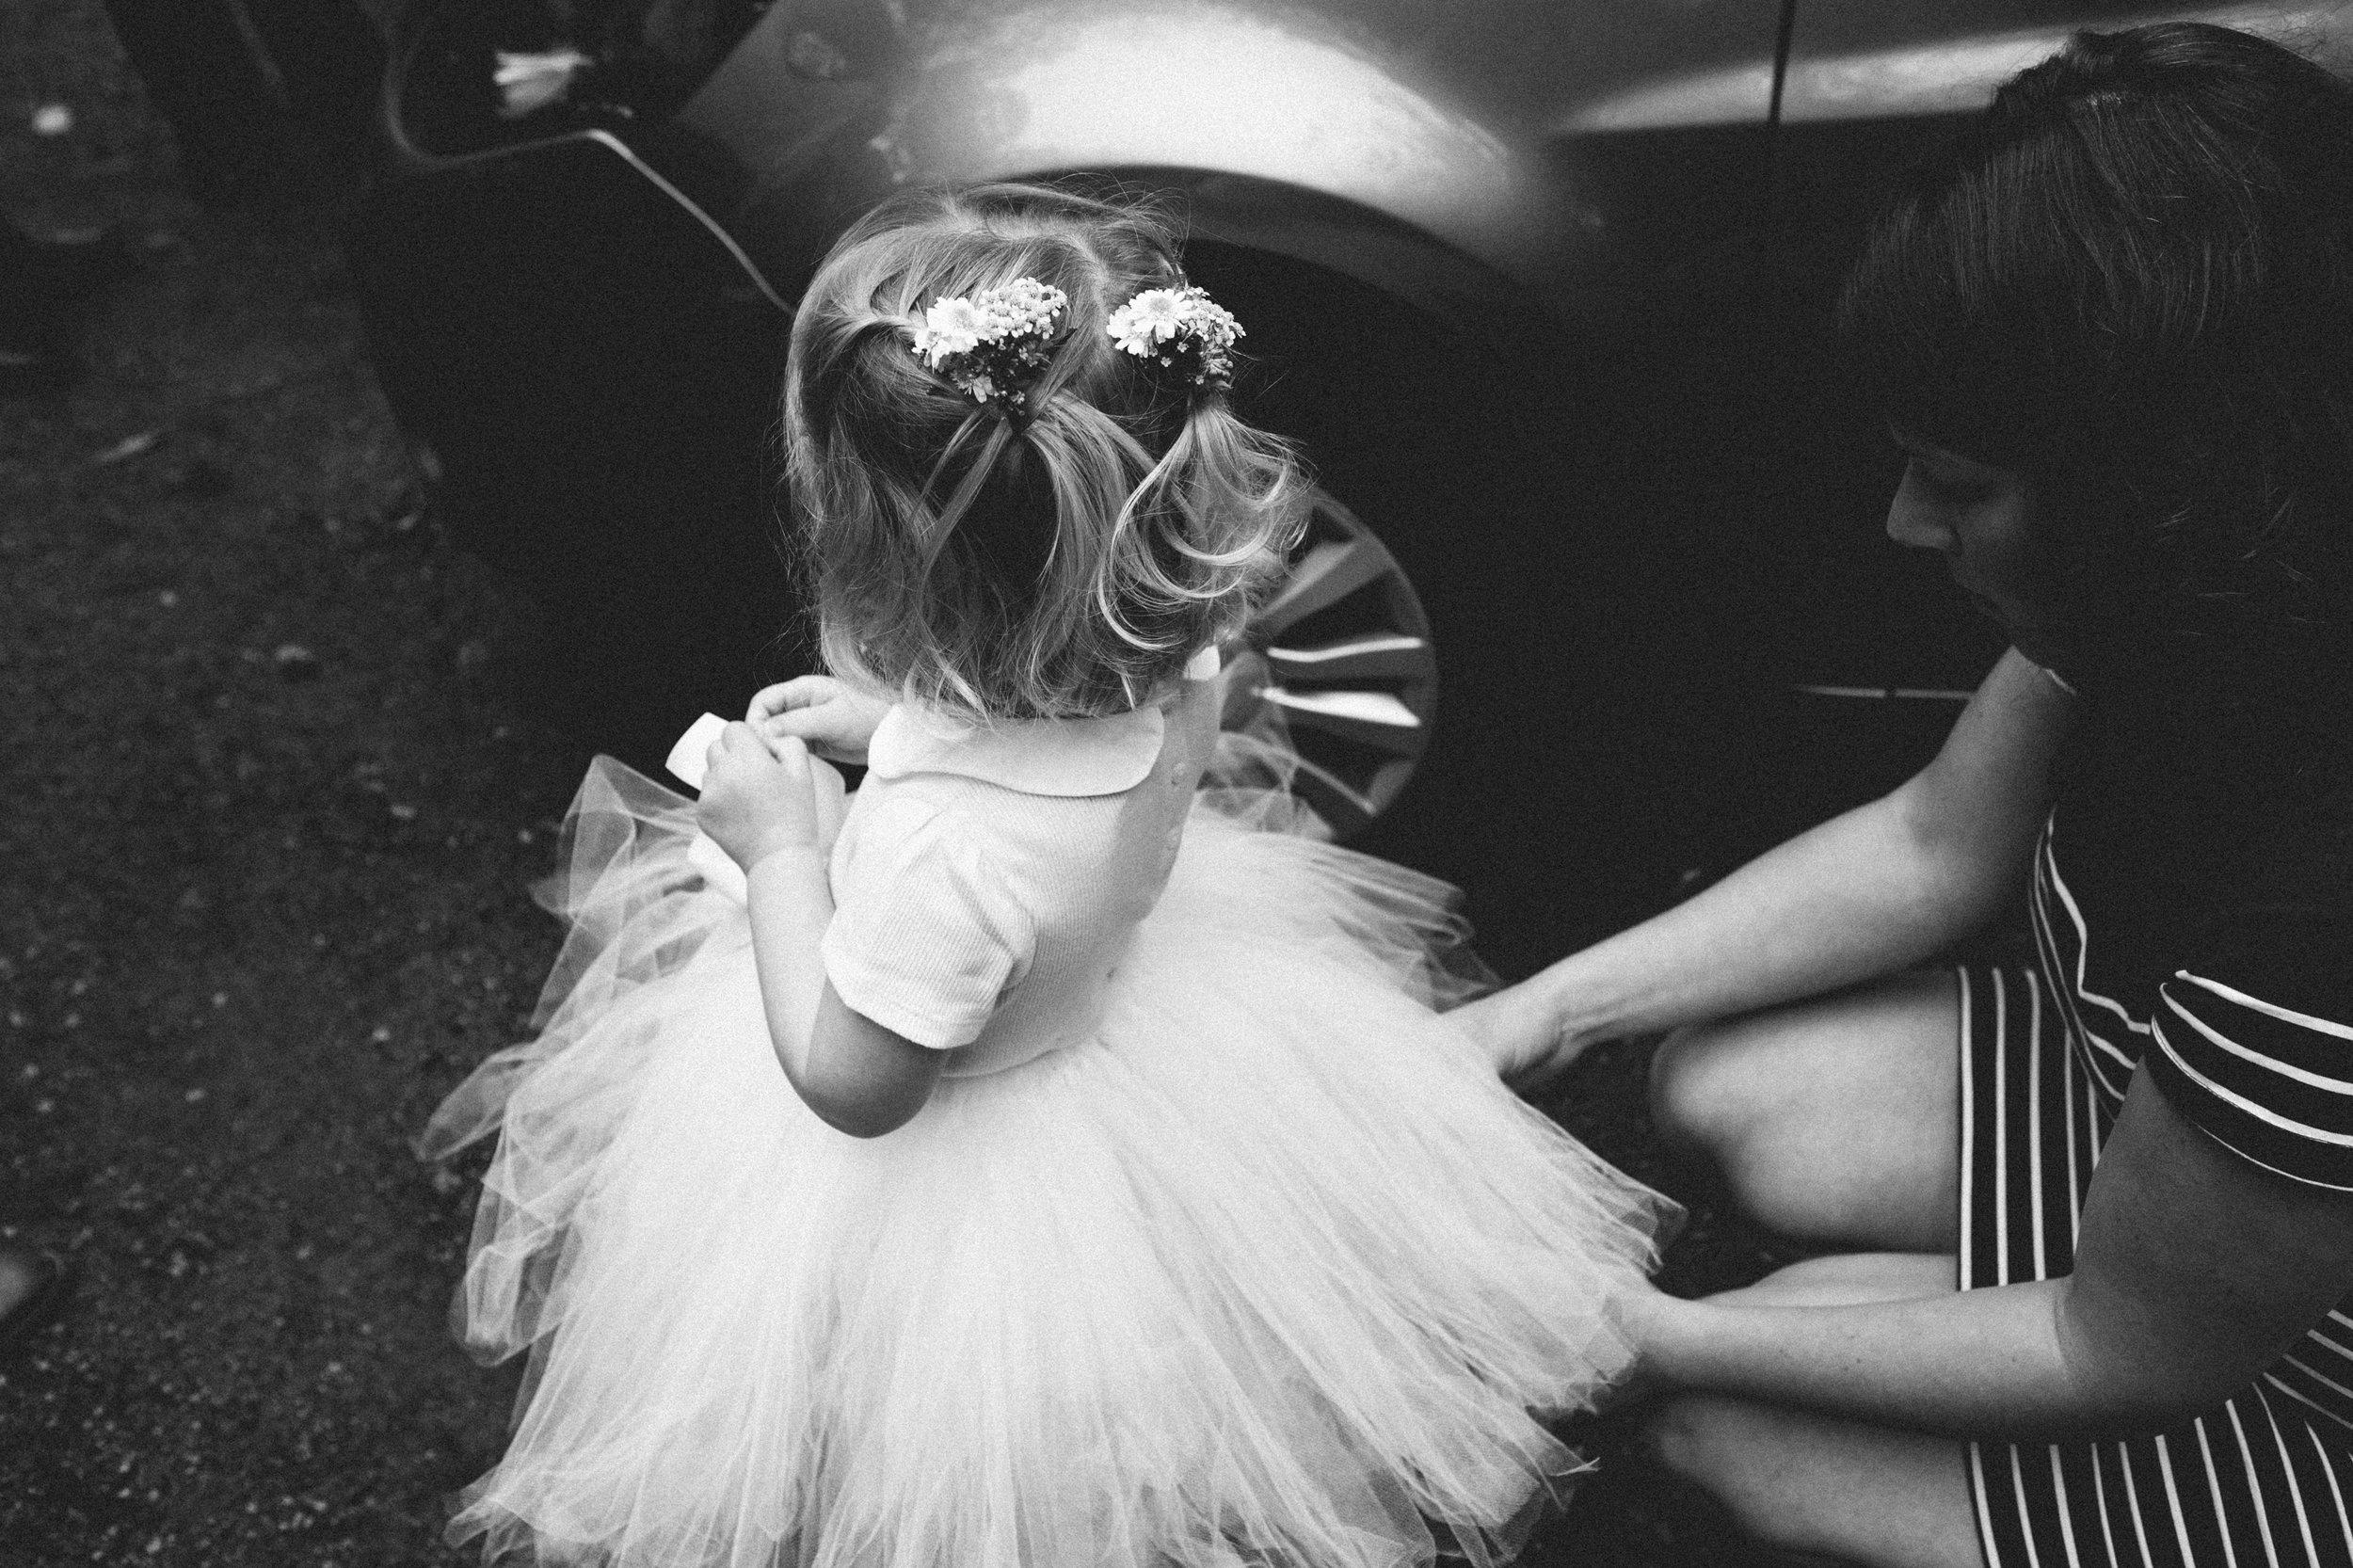 uk wedding photographer artistic wedding photography-34.jpg